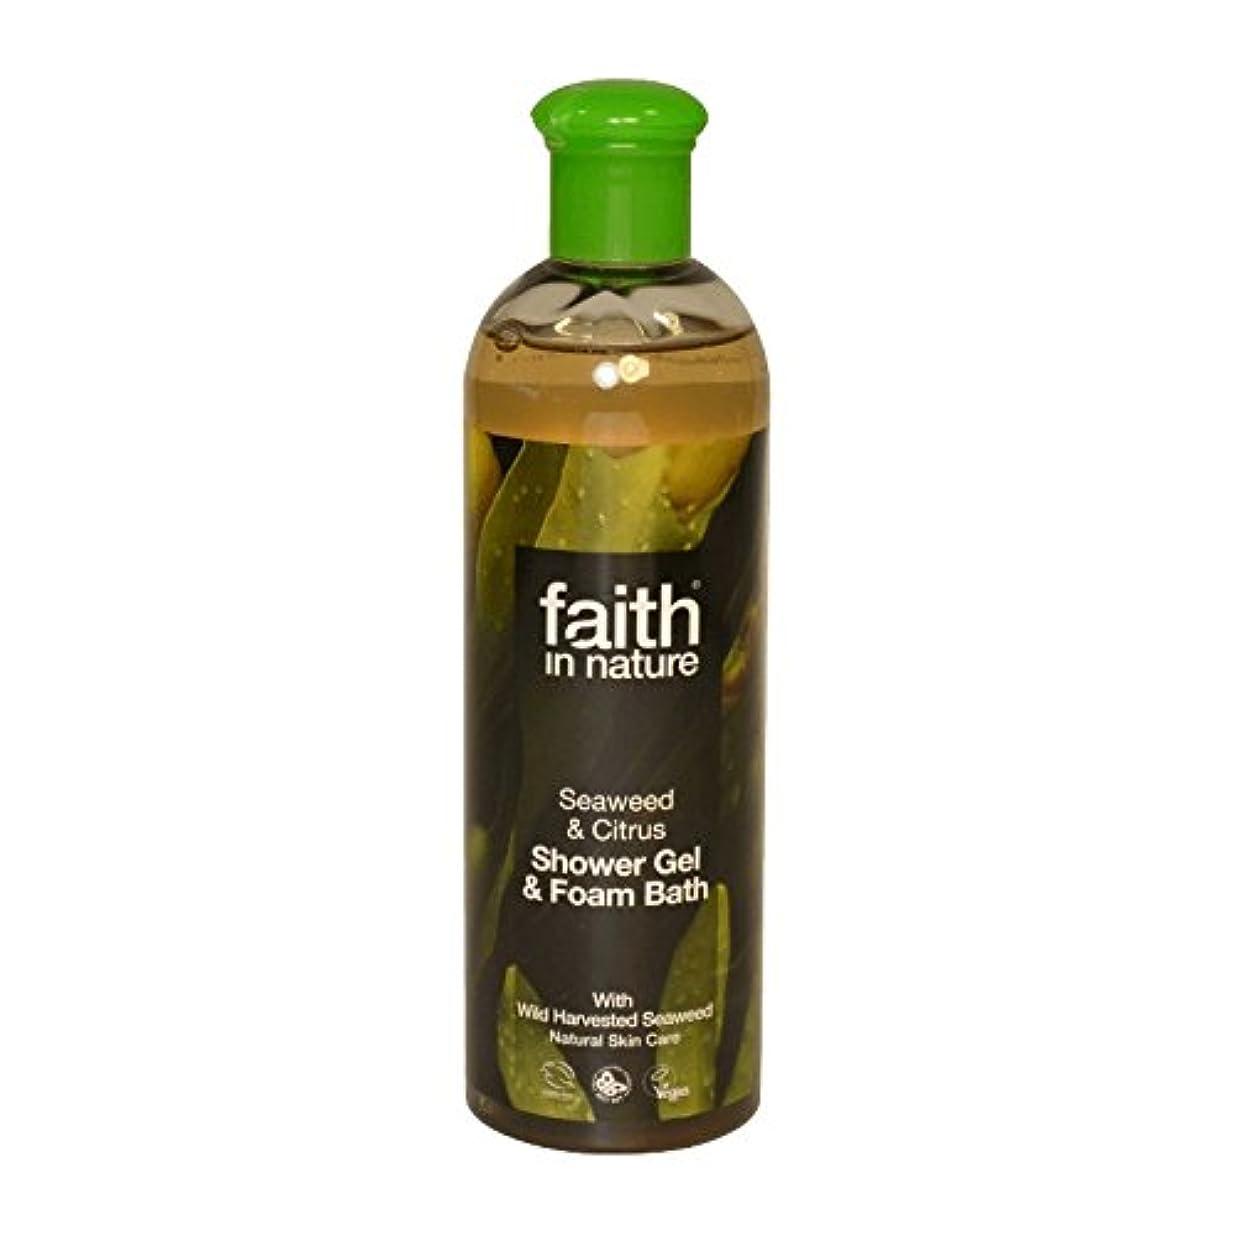 納税者ゲーム擬人Faith in Nature Seaweed & Citrus Shower Gel & Bath Foam 400ml (Pack of 2) - 自然の海藻&シトラスシャワージェル&バス泡400ミリリットルの信仰...